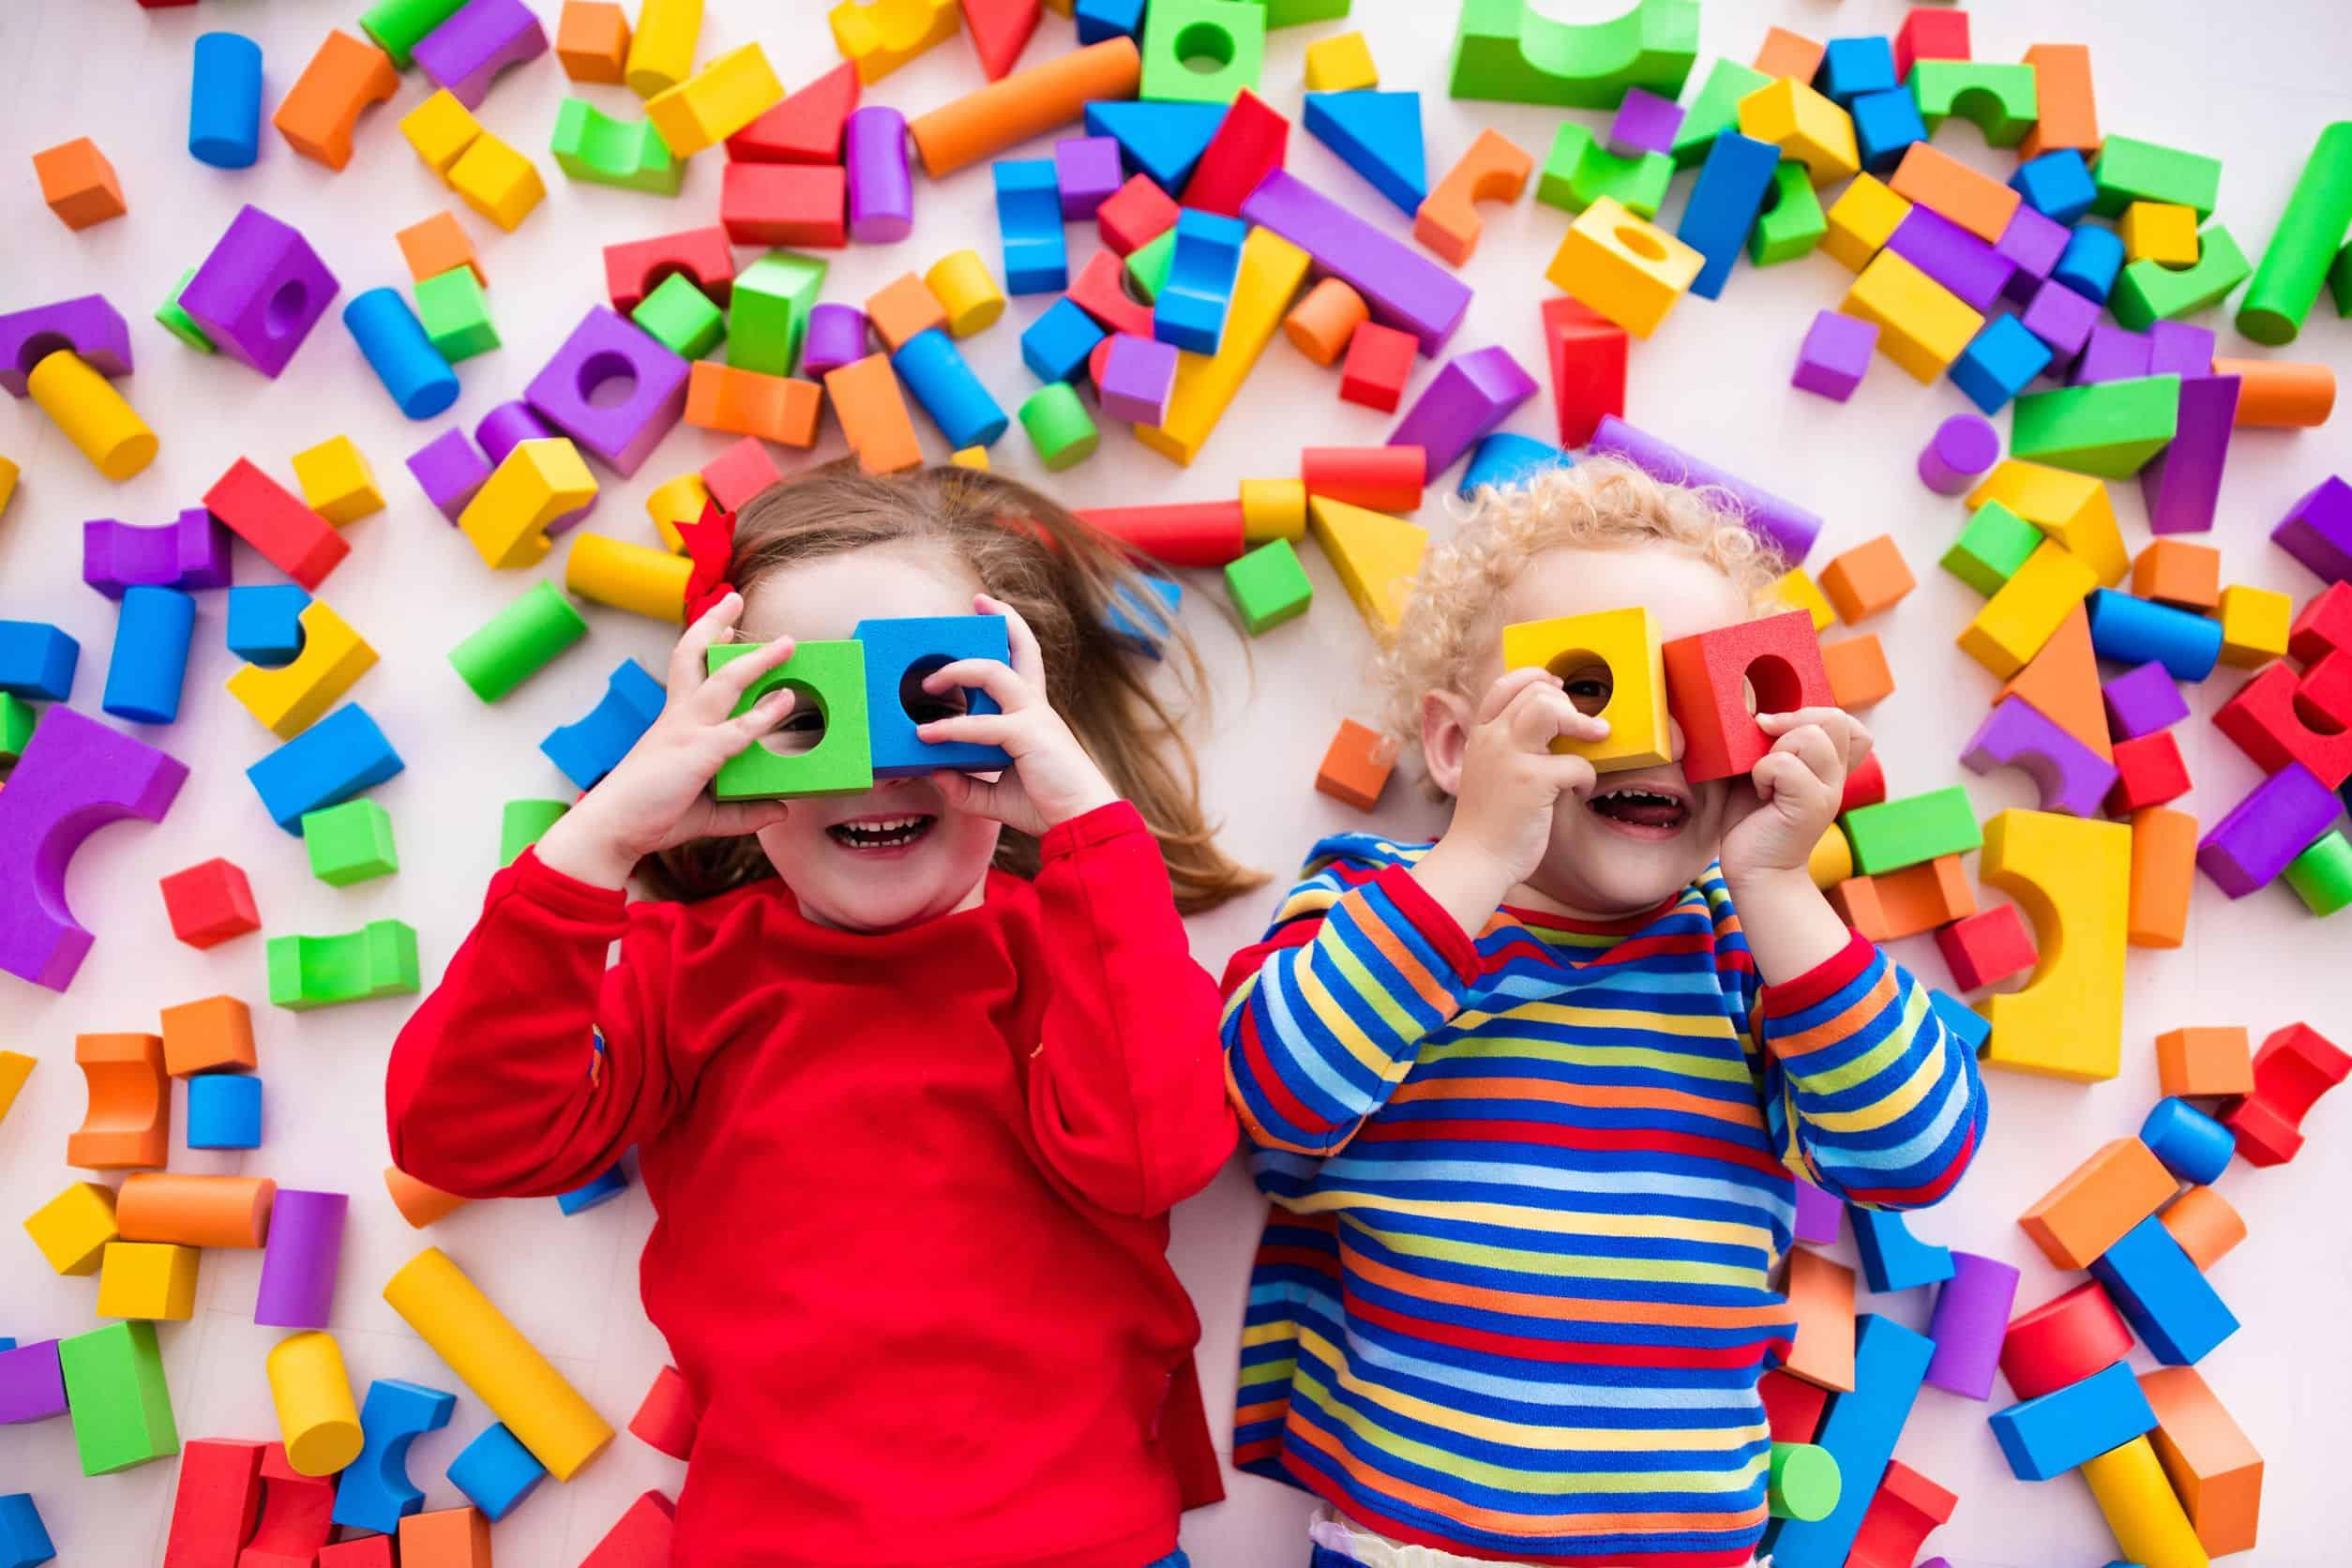 Juguetes Montessori: ¿Cuáles son los mejores del 2020?